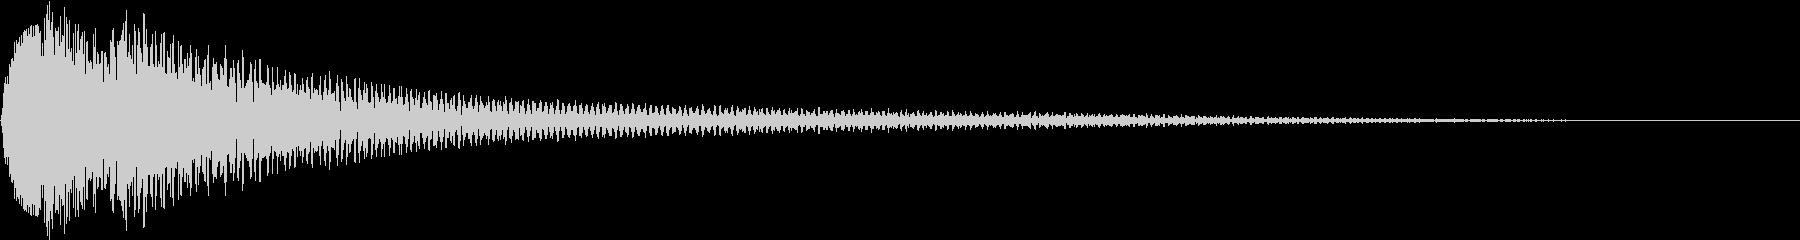 ピコン(お洒落で優しいピアノの警告音)4の未再生の波形